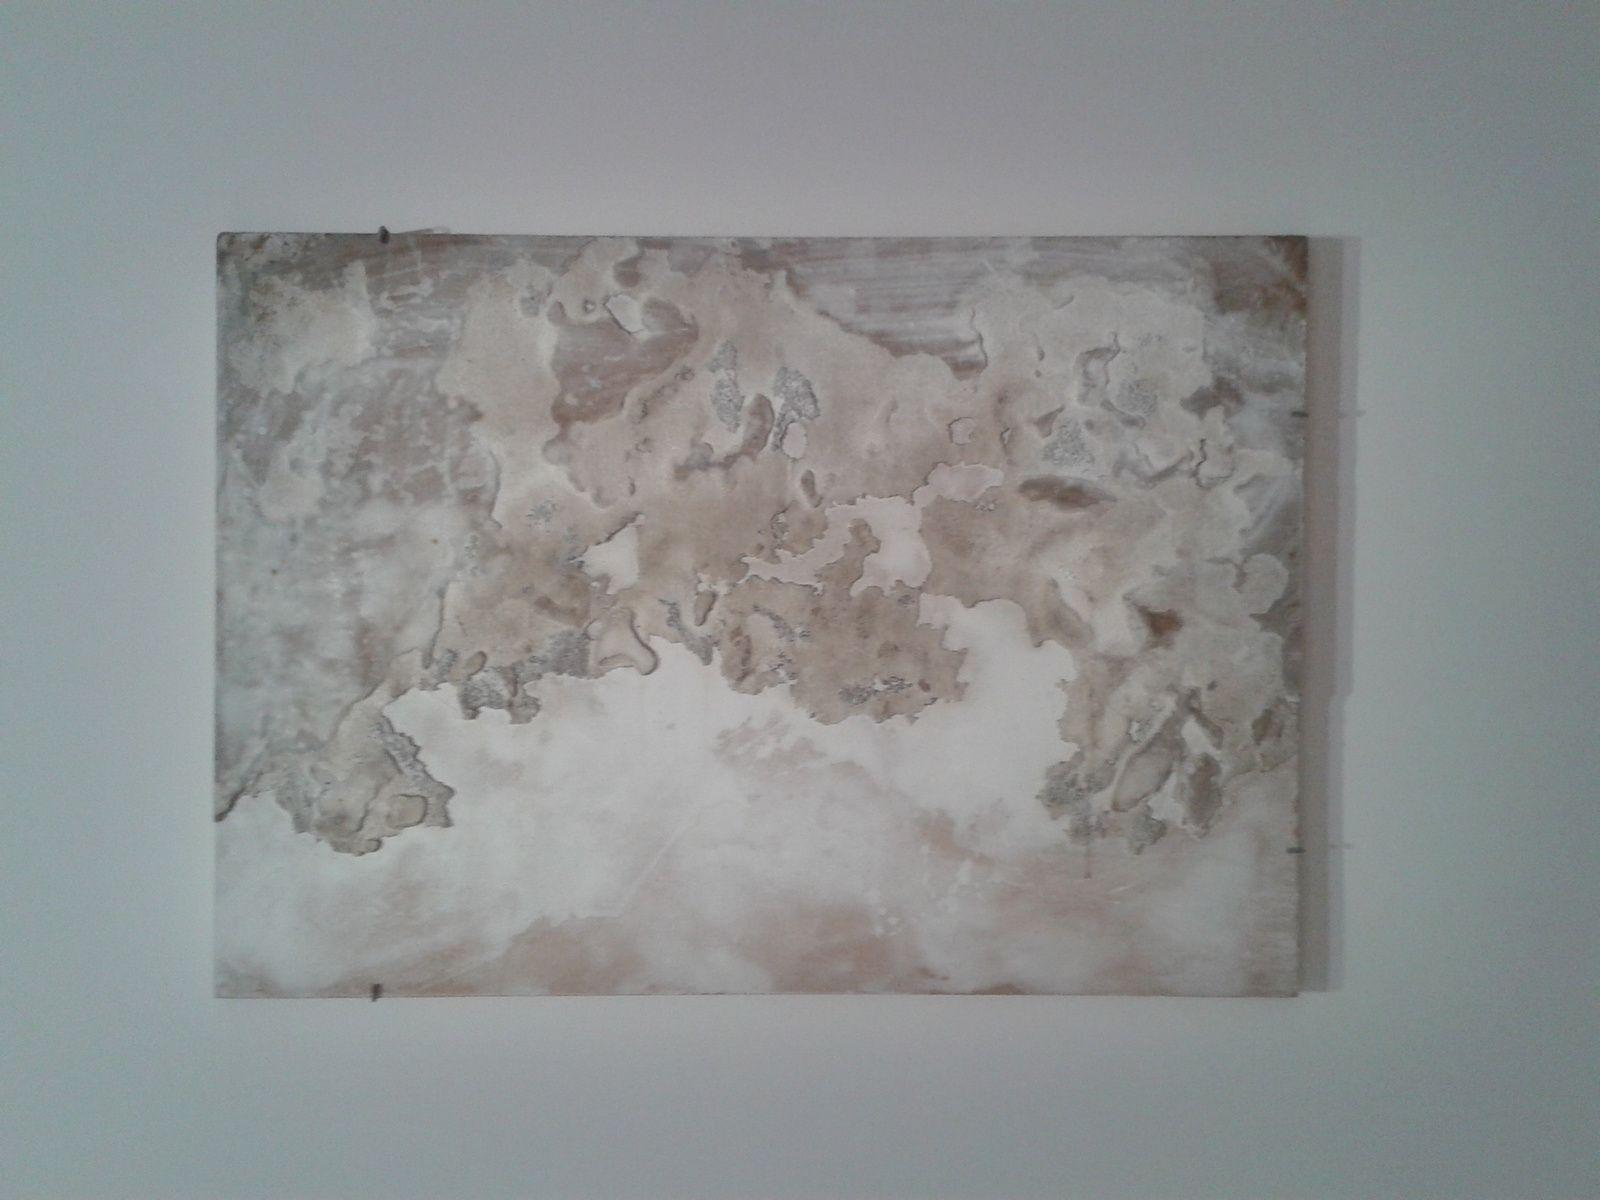 Sol y sombra, une exposition de Miquel Barceló à la Bibliothèque Nationale de France : découverte de son oeuvre imprimée et de ses expériences de la matière